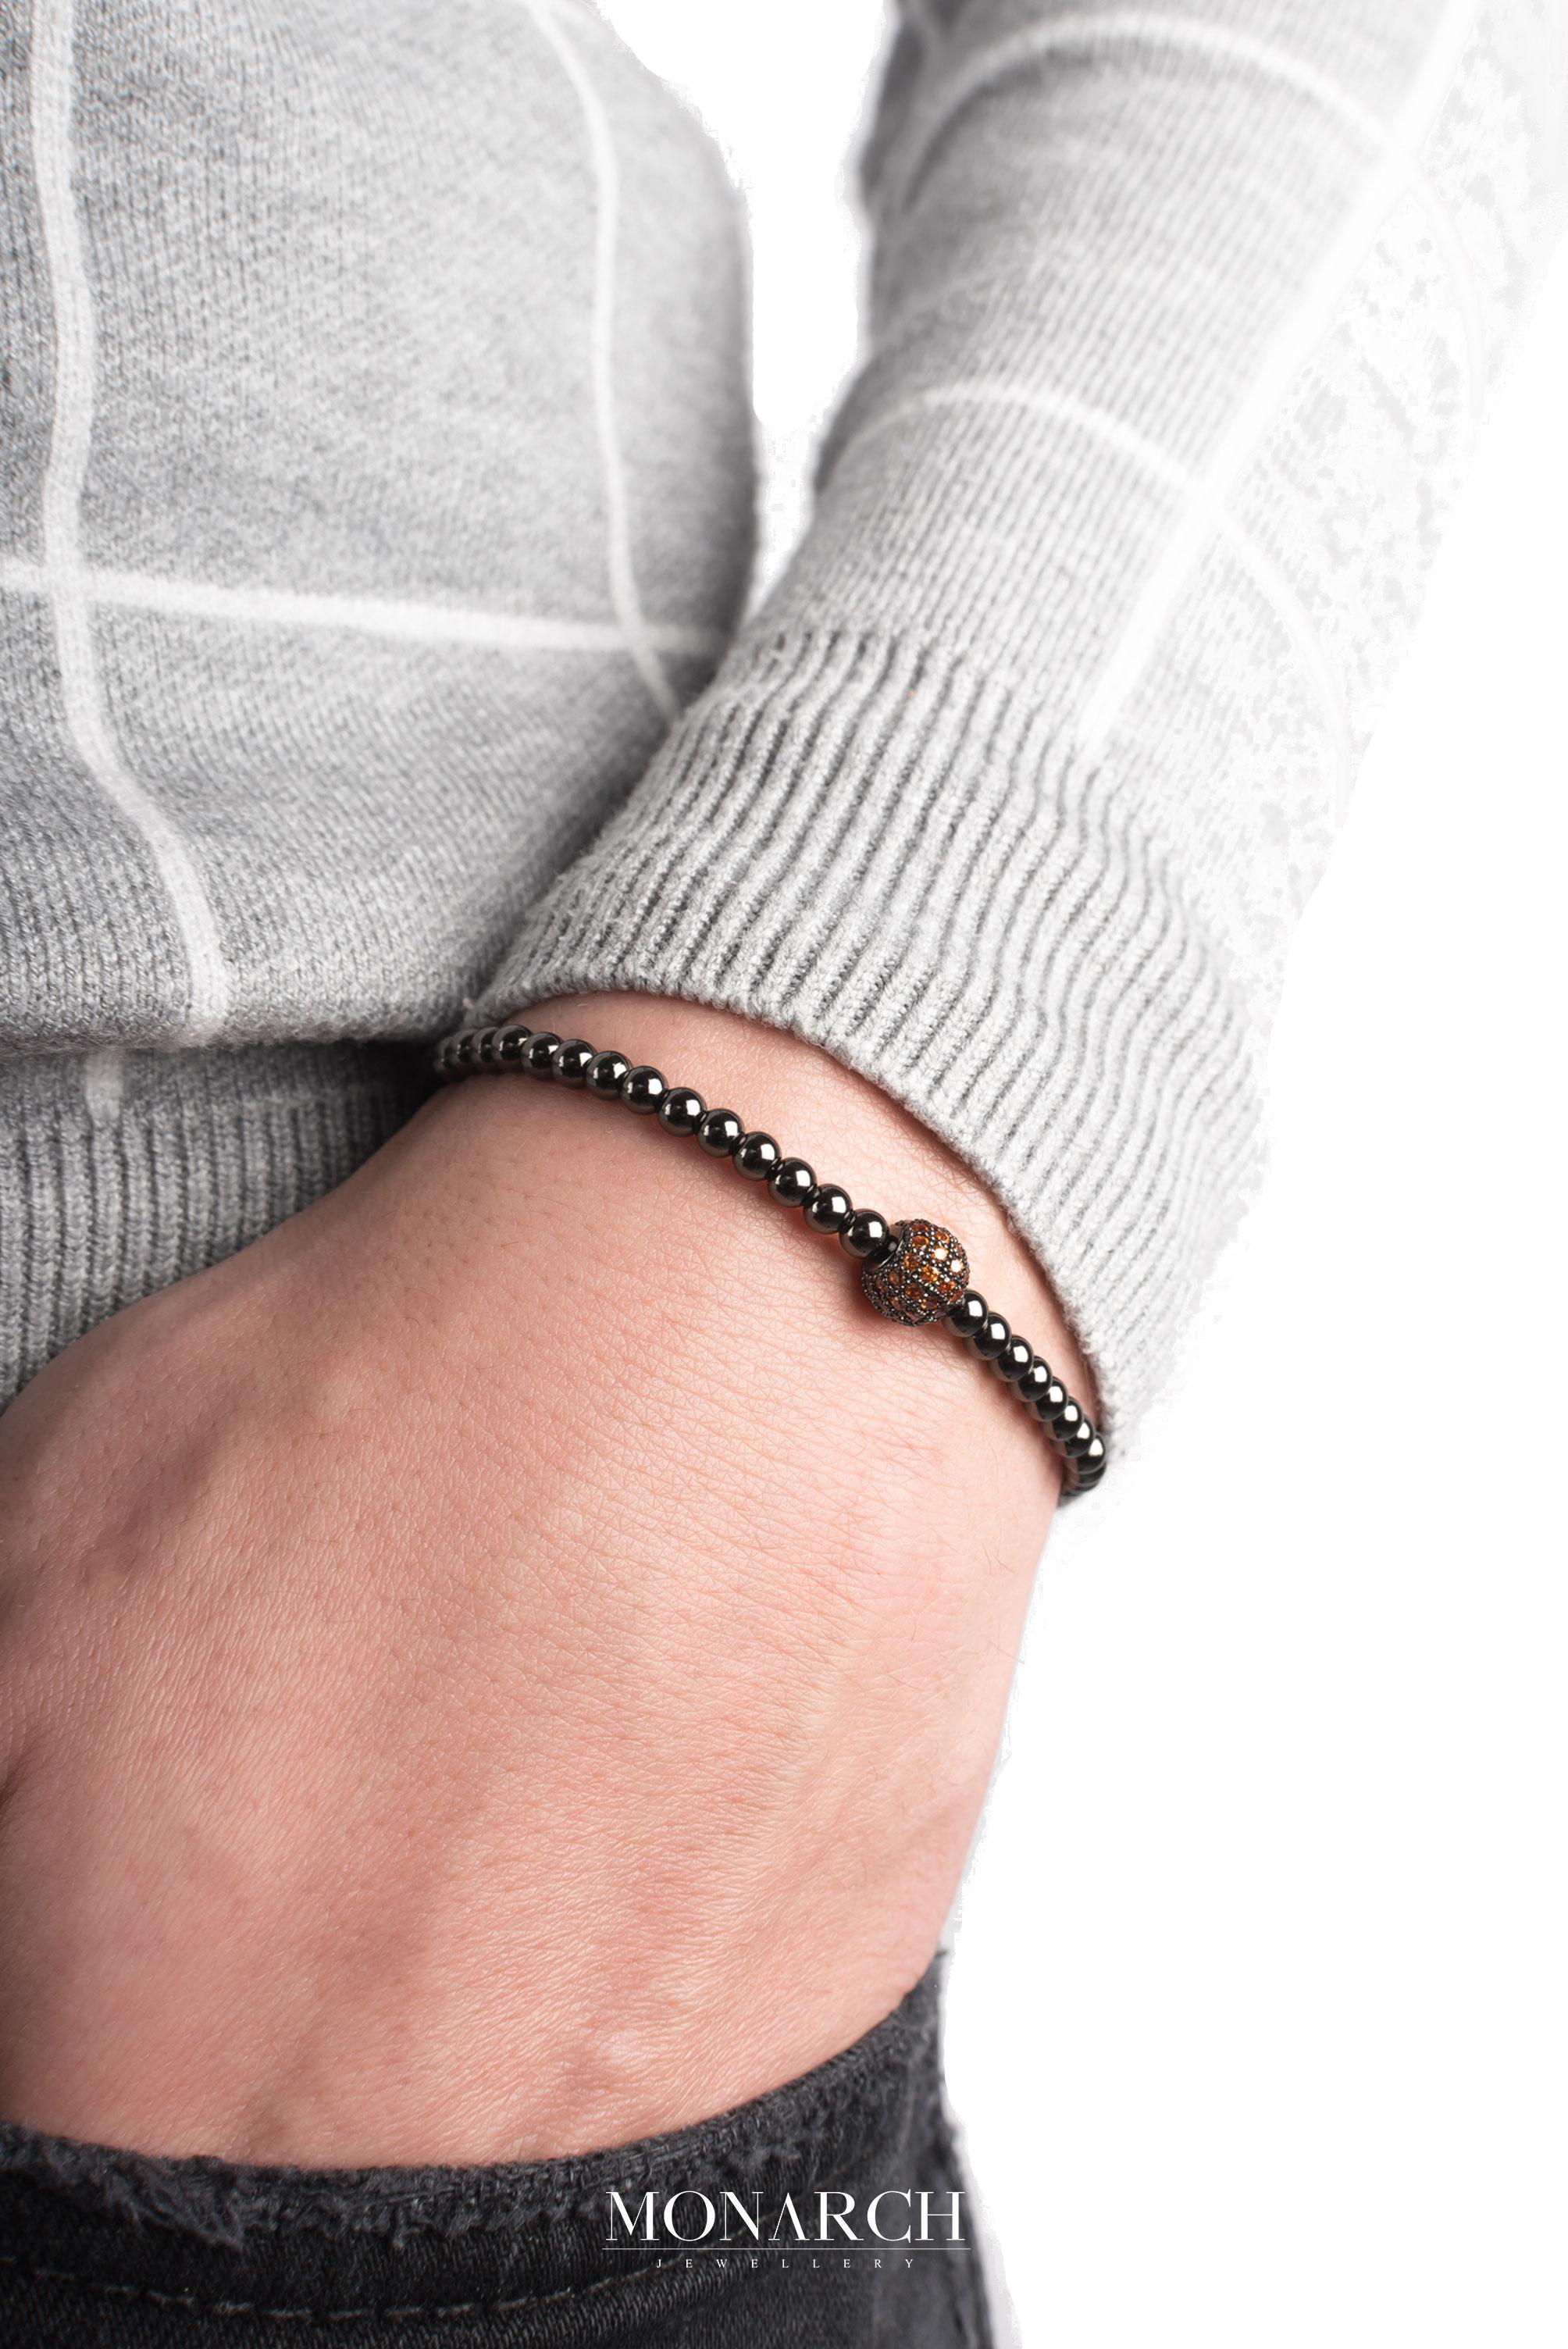 black luxury bracelet for man, monarch jewellery MA137NSR